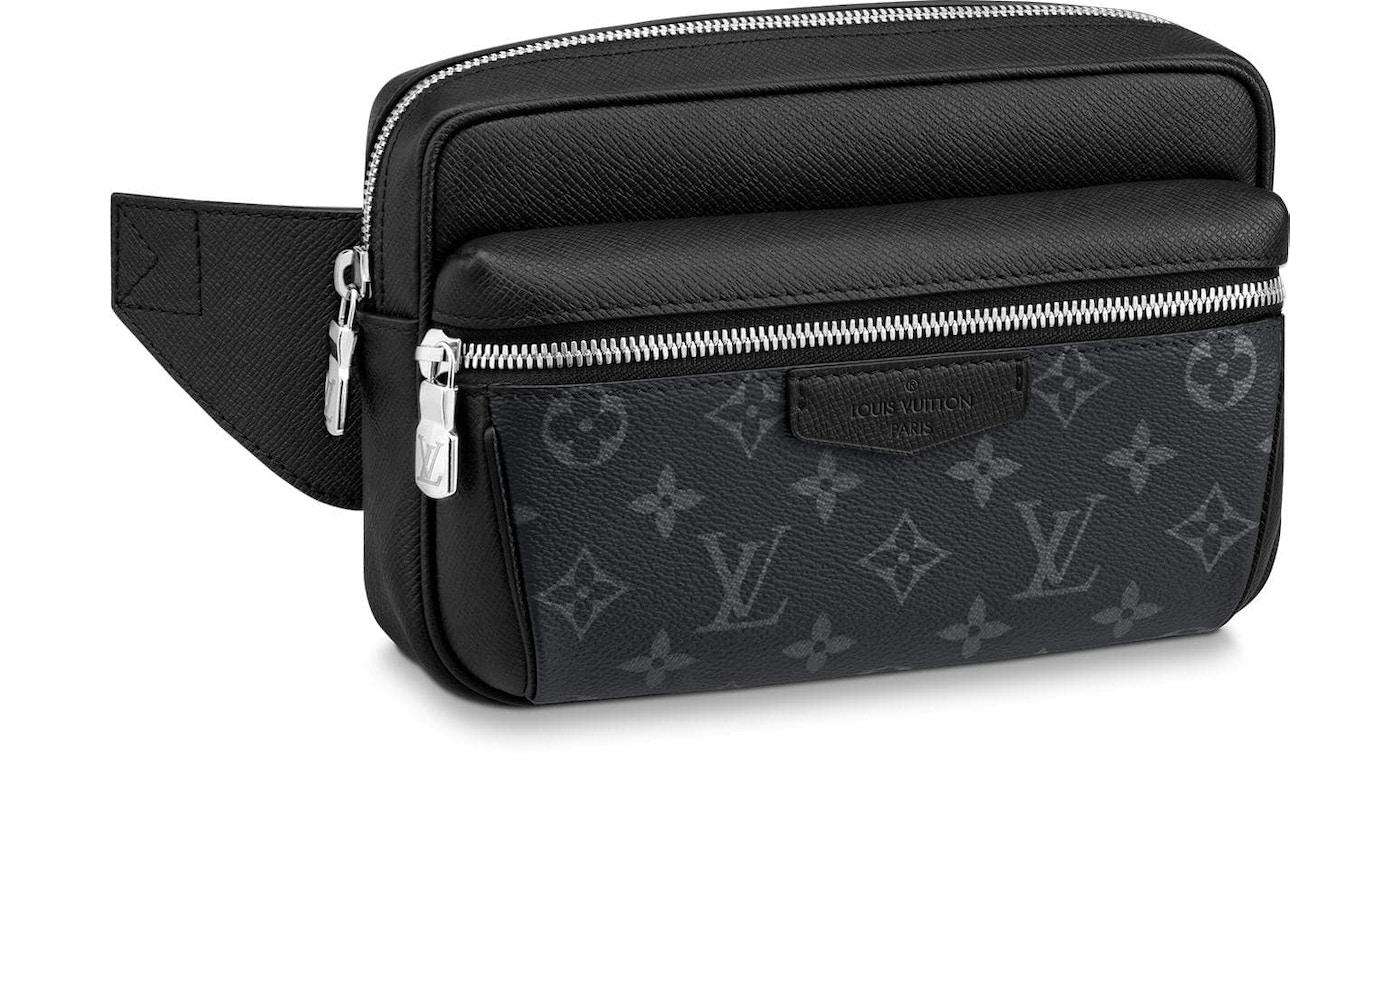 0616b11d3e50 Louis Vuitton Outdoor Bumbag Monogram Eclipse Taiga Black